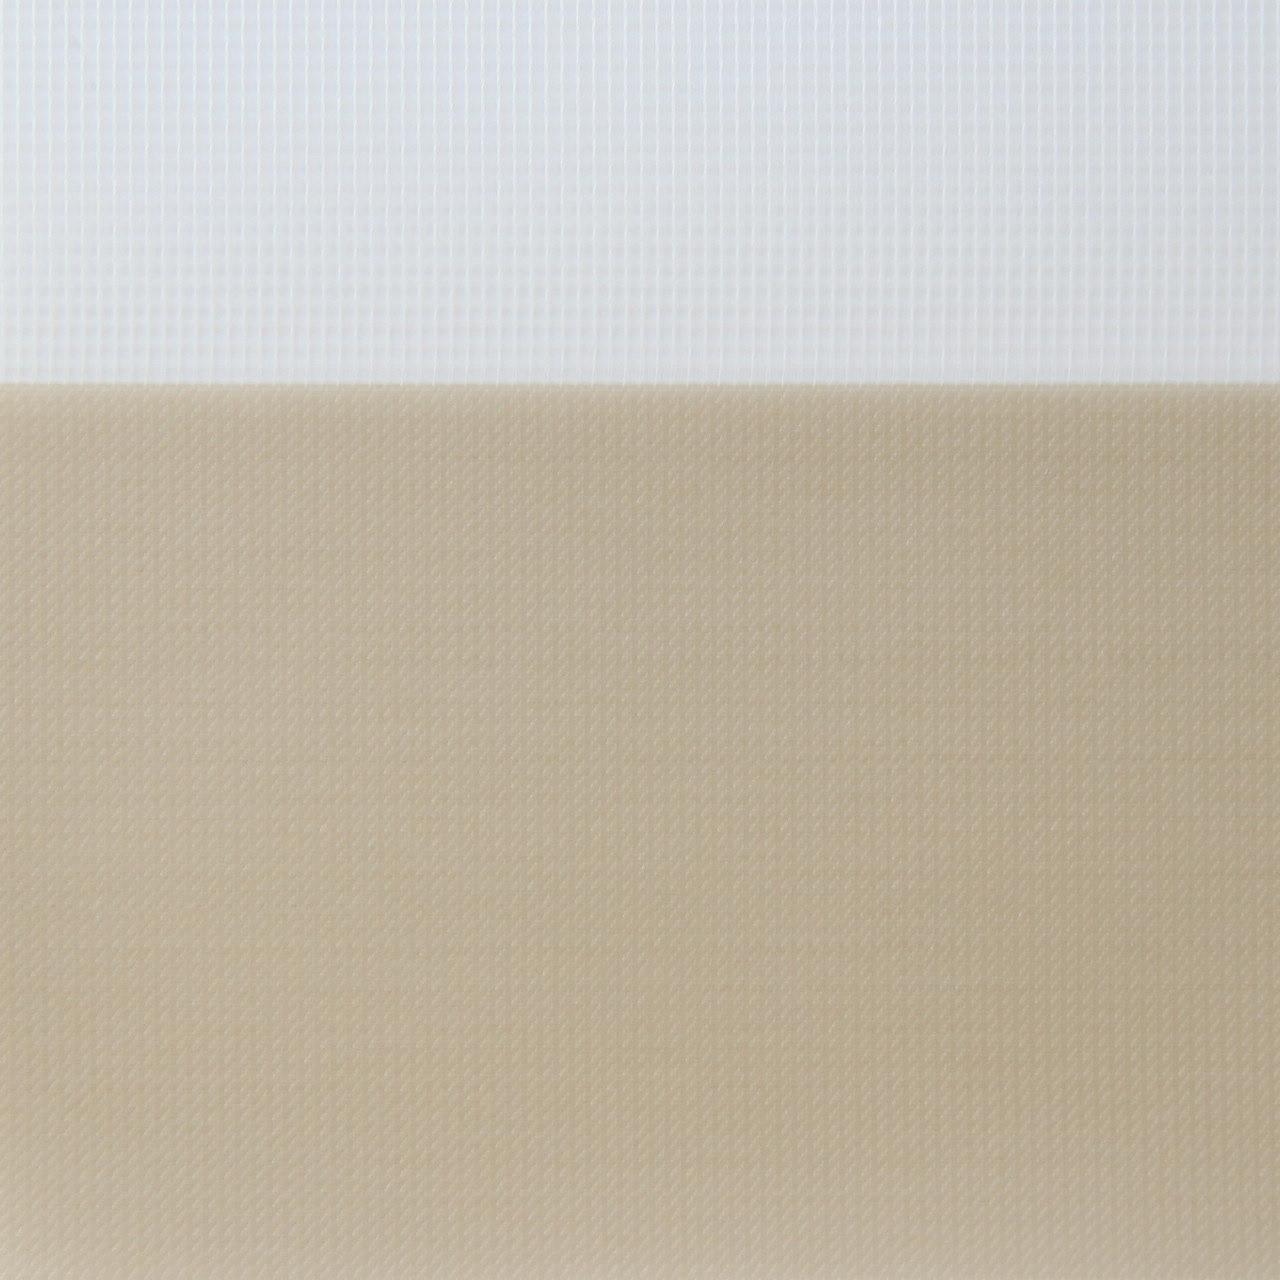 Готовые рулонные шторы Ткань Z-062 Светло-бежевый